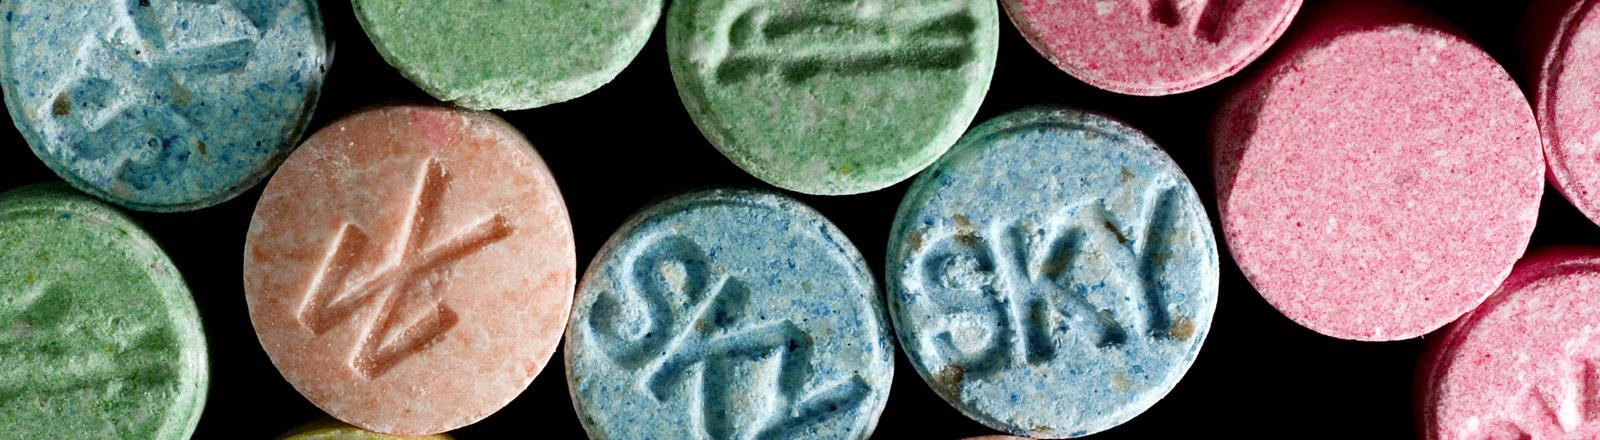 Bunte Extasy-Pillen